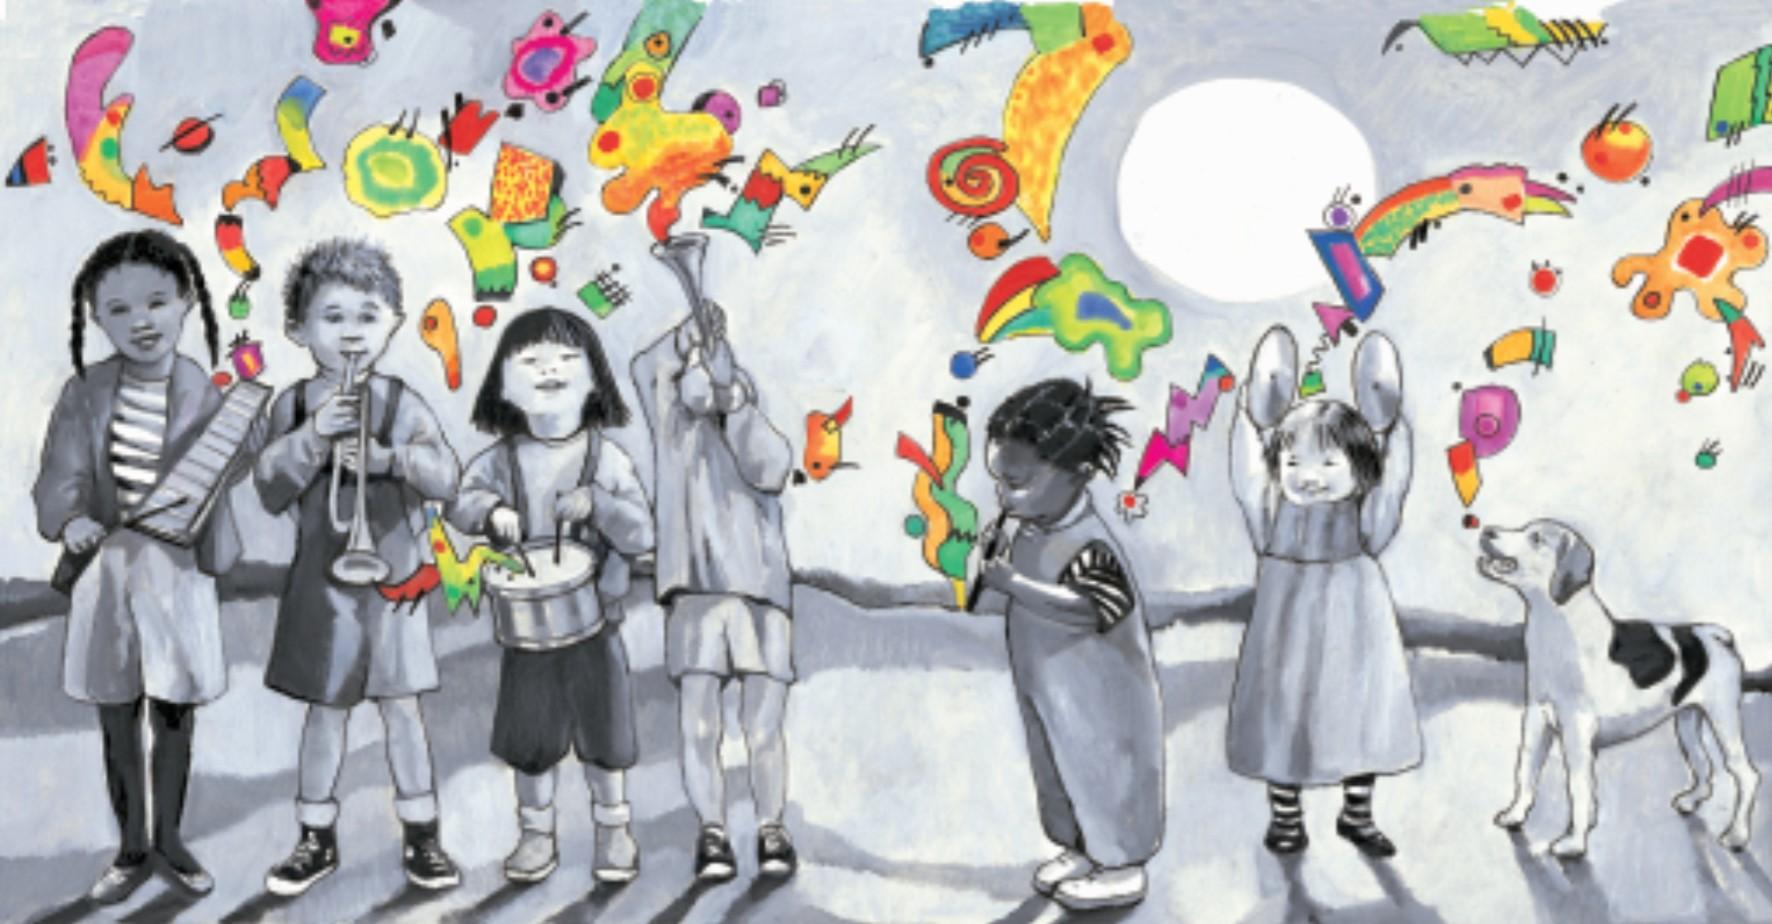 صور قصيدة عن عيد الطفولة